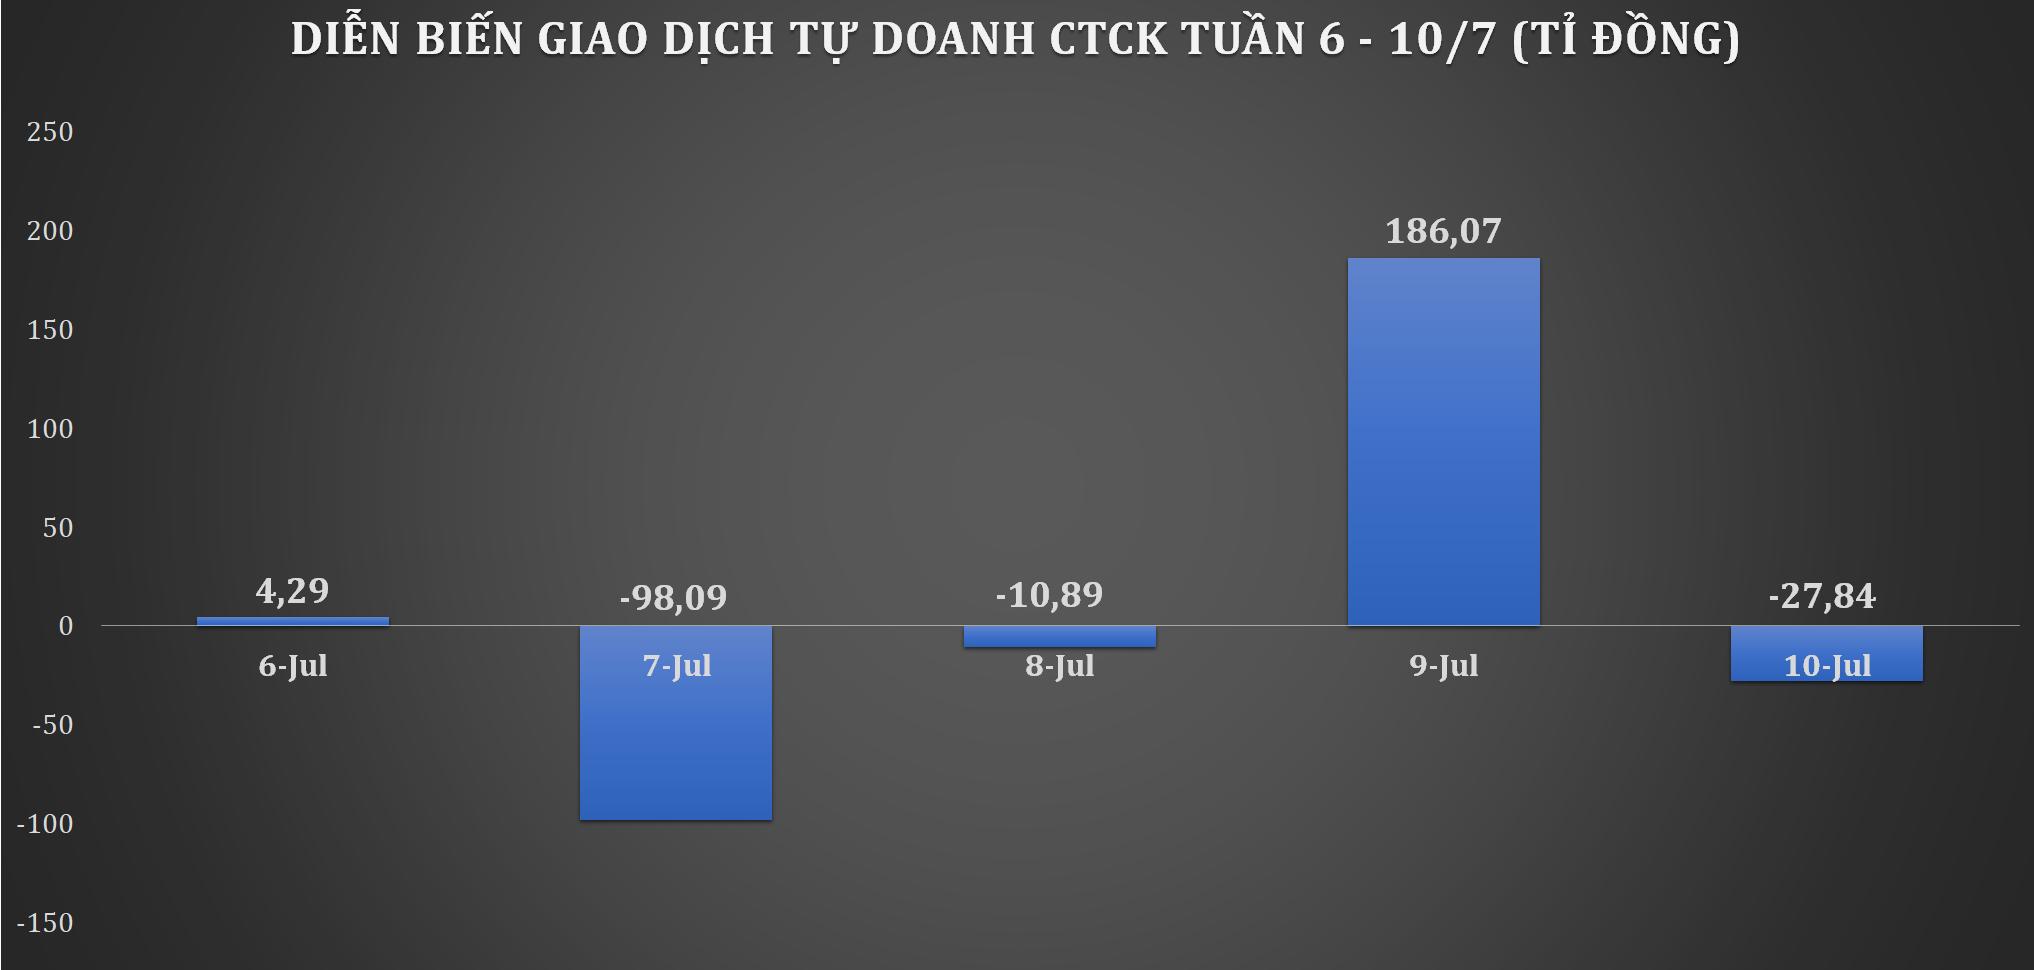 Trái chiều khối ngoại, tự doanh CTCK mua ròng tuần VN-Index tăng gần 24 điểm - Ảnh 1.